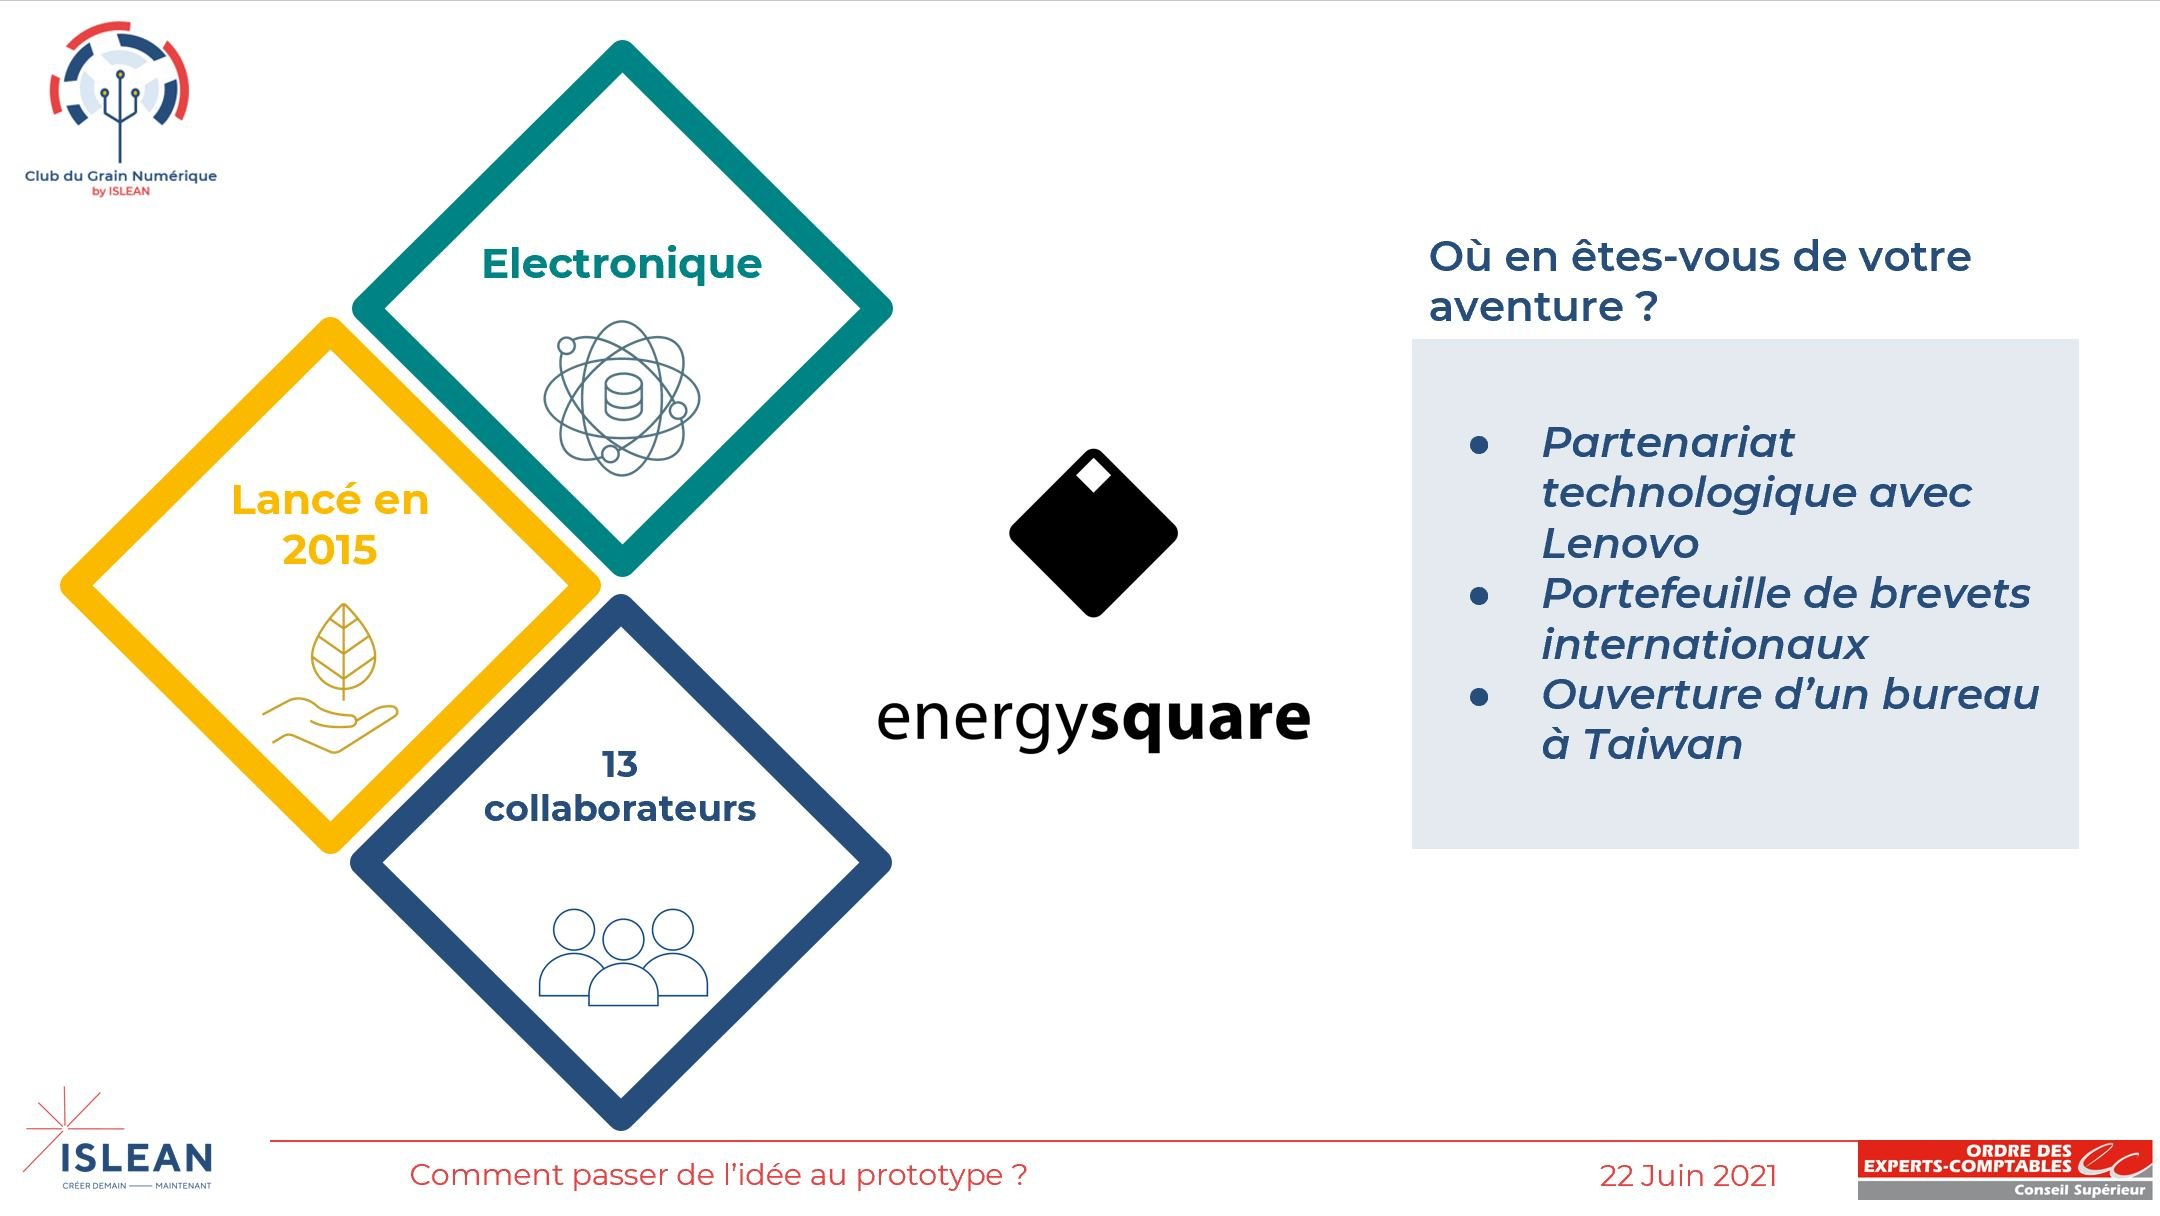 Présentation de energysquare - Club du Gran Numérique 2021